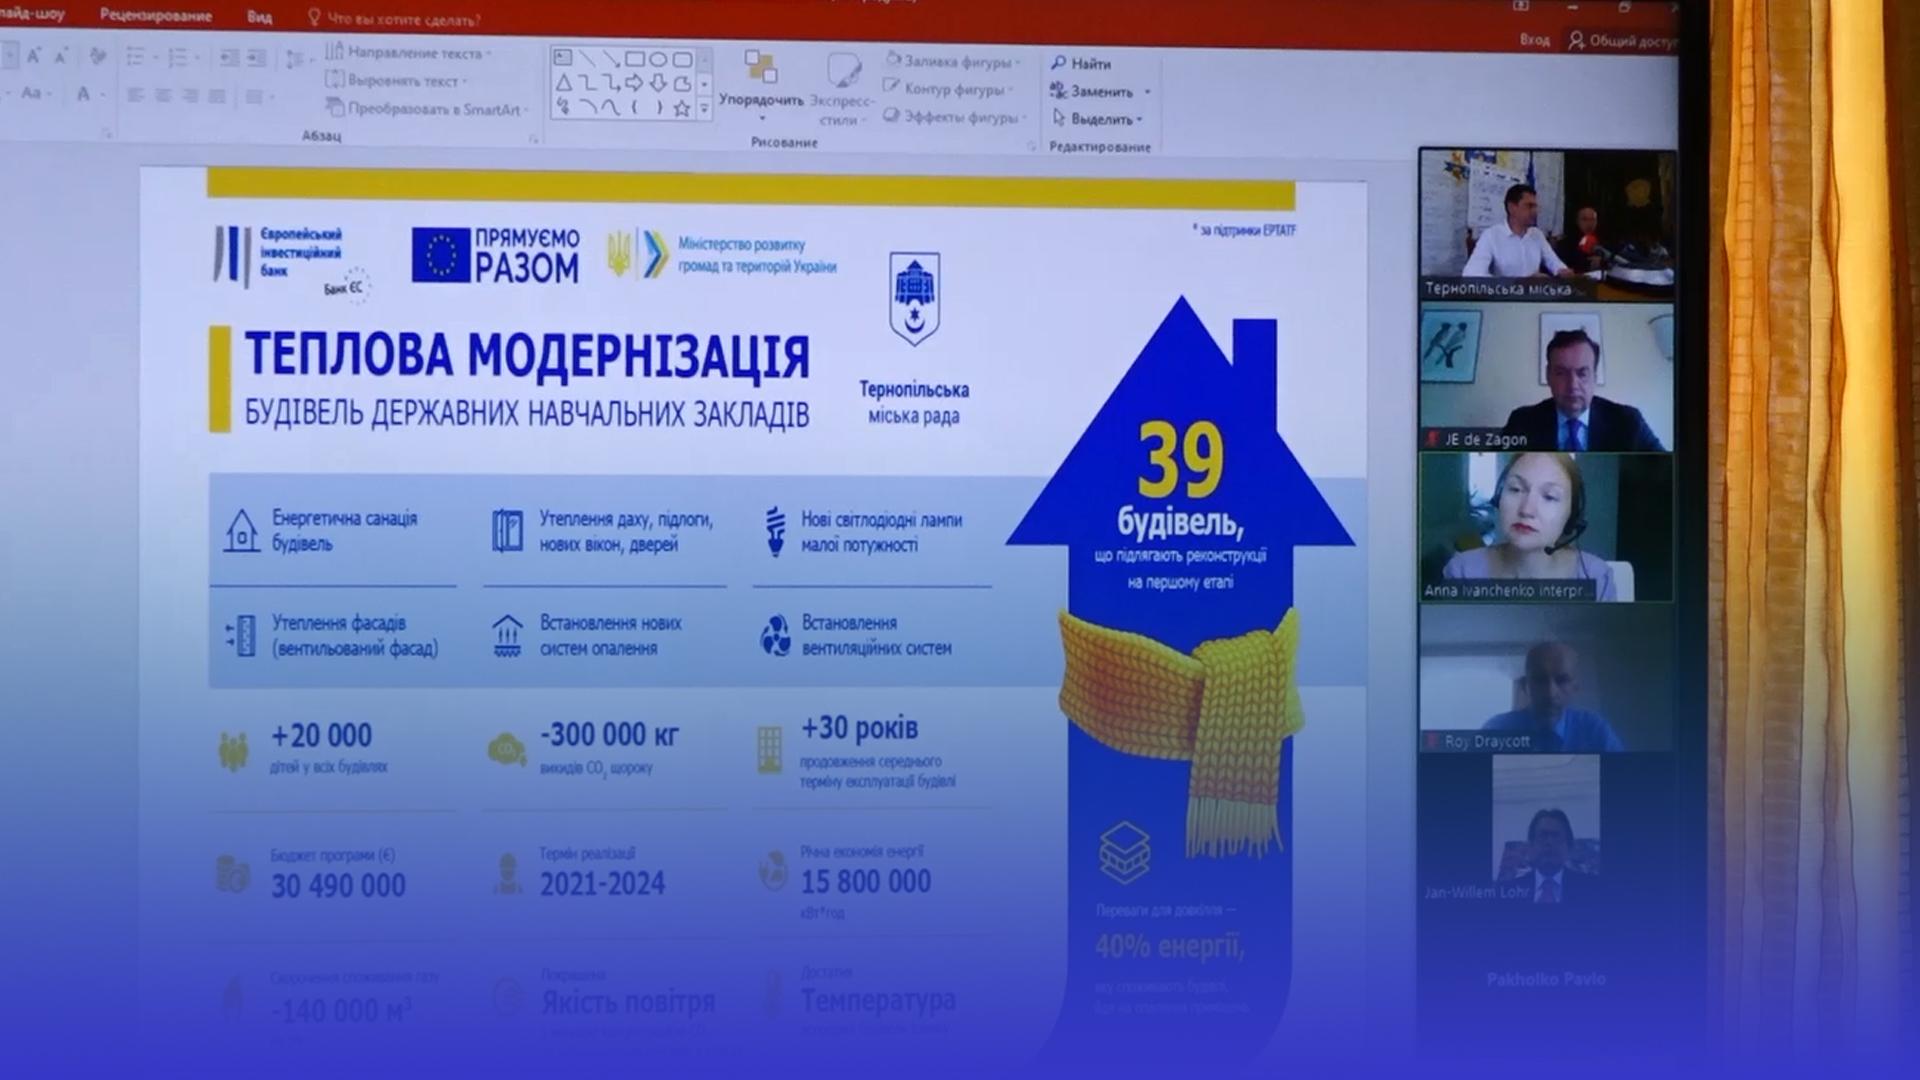 Покращення на 30 мільйонів євро: у Тернополі розпочнуть термомодернізацію закладів освіти